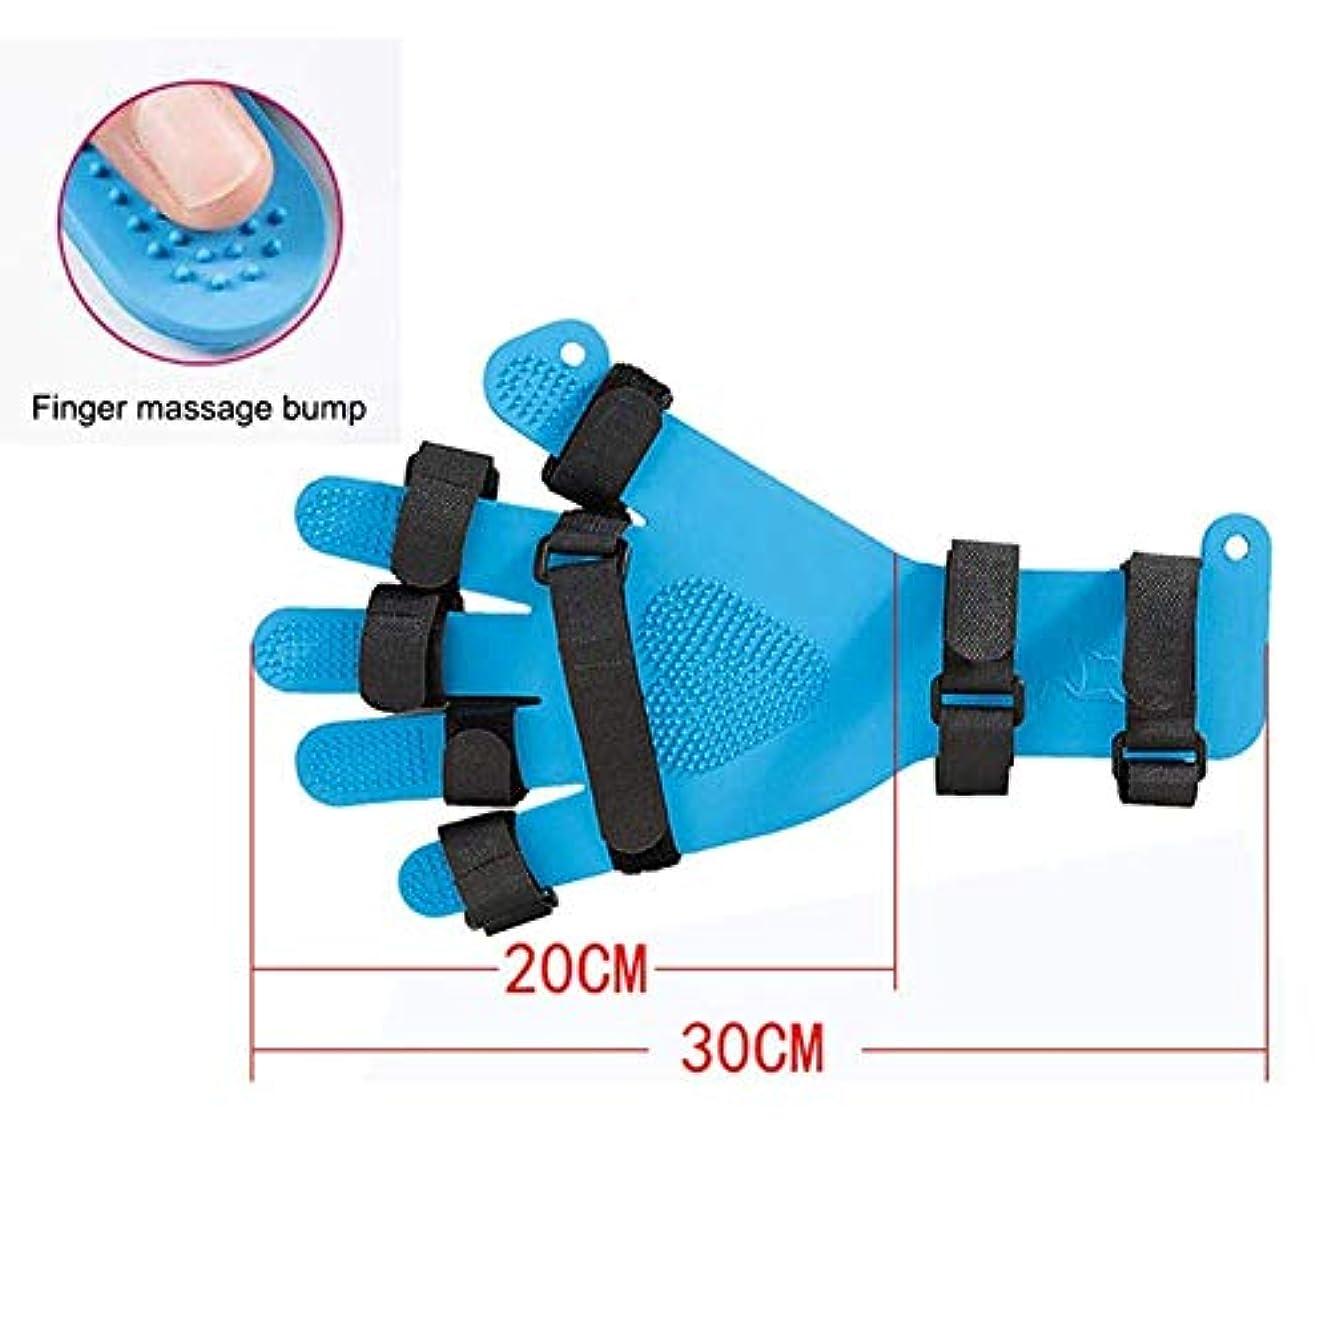 開業医貢献寛解フィンガースプリント指指セパレーター、トリガーフィンガースプリント、指インソールは、両手のために指スプリントトレーニングサポートポイント